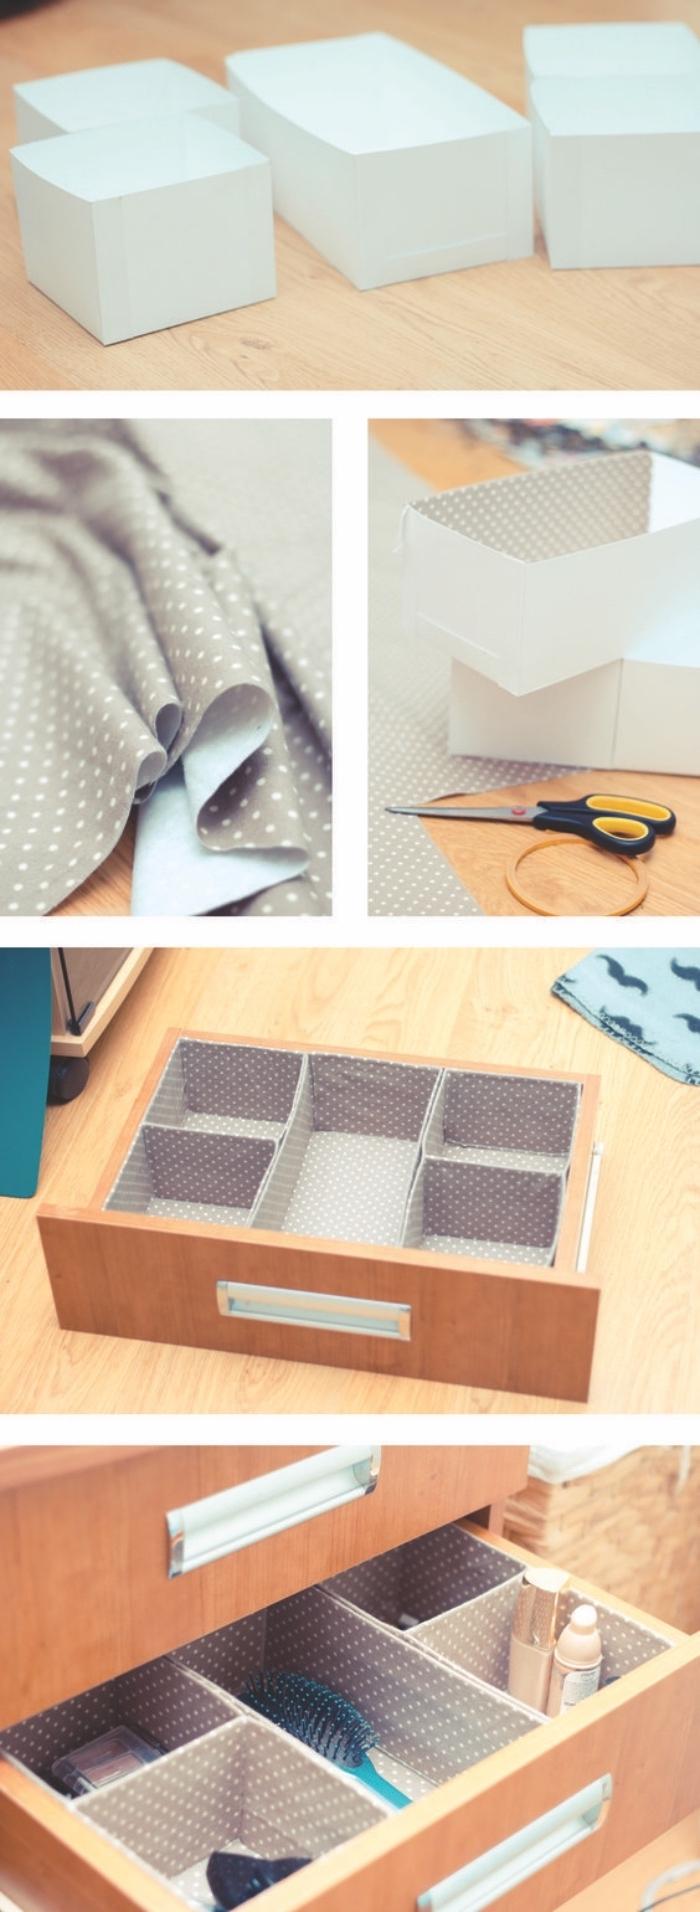 diy rangement boite a différents compartiments en papier cartonné, décorés en tissu dans un tiroir